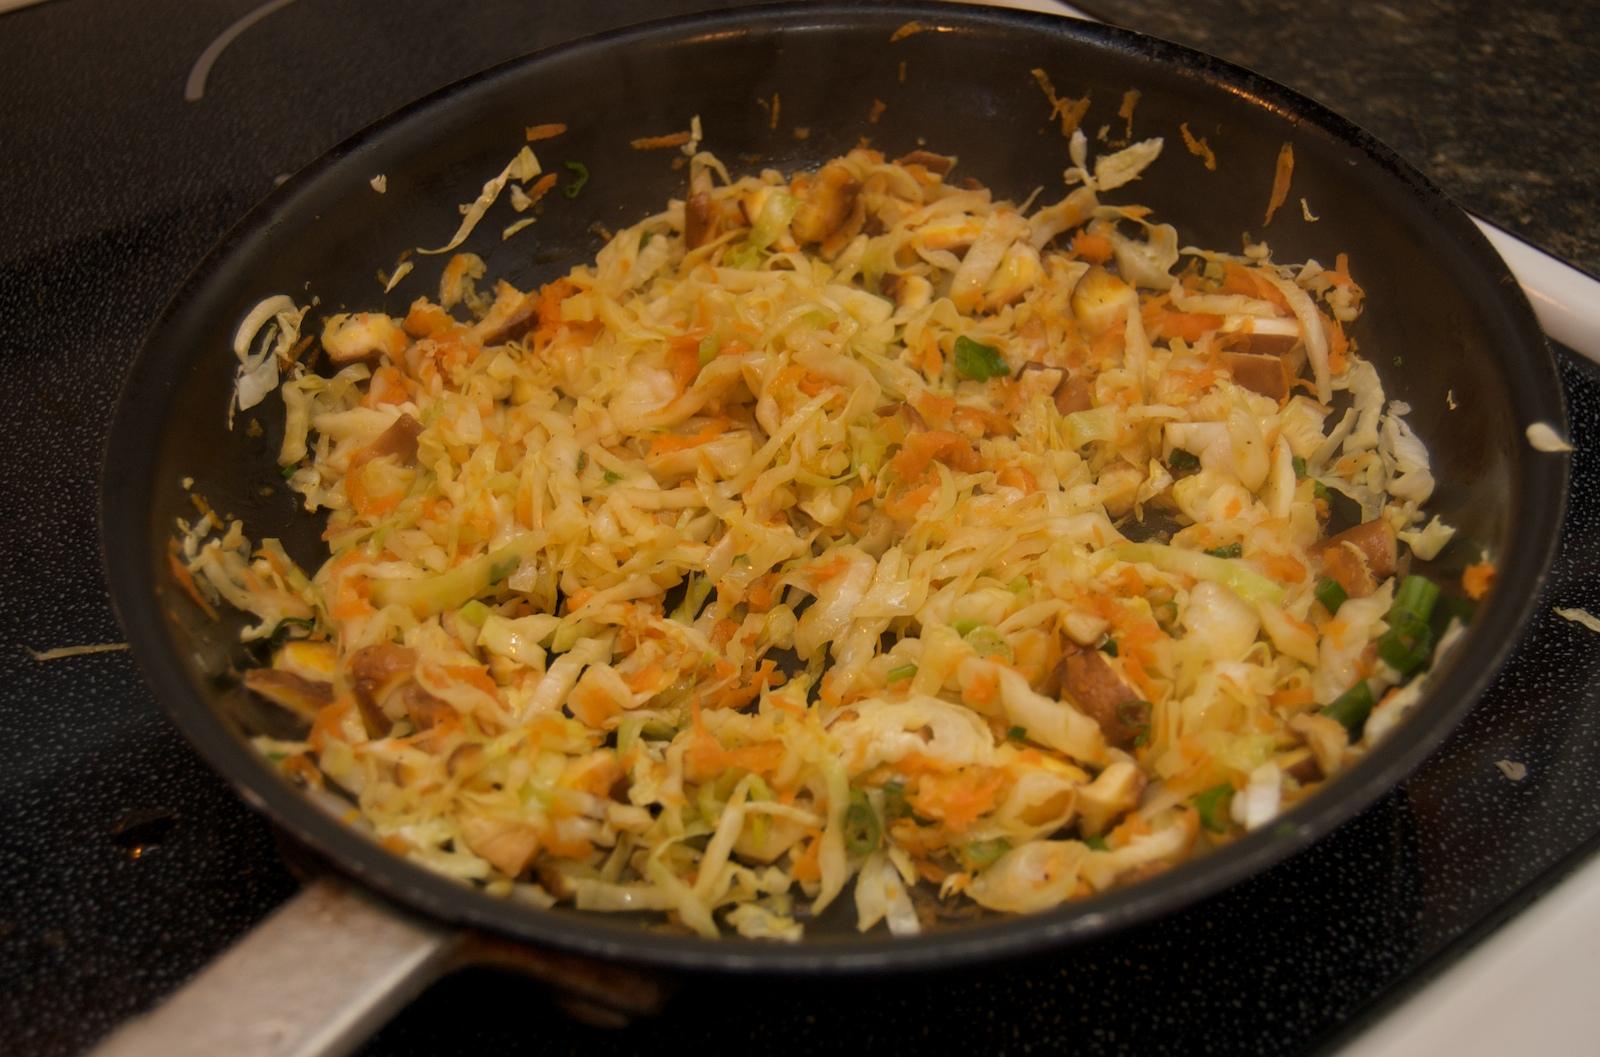 http://blog.rickk.com/food/2010/01/12/DSC_0010.jpg